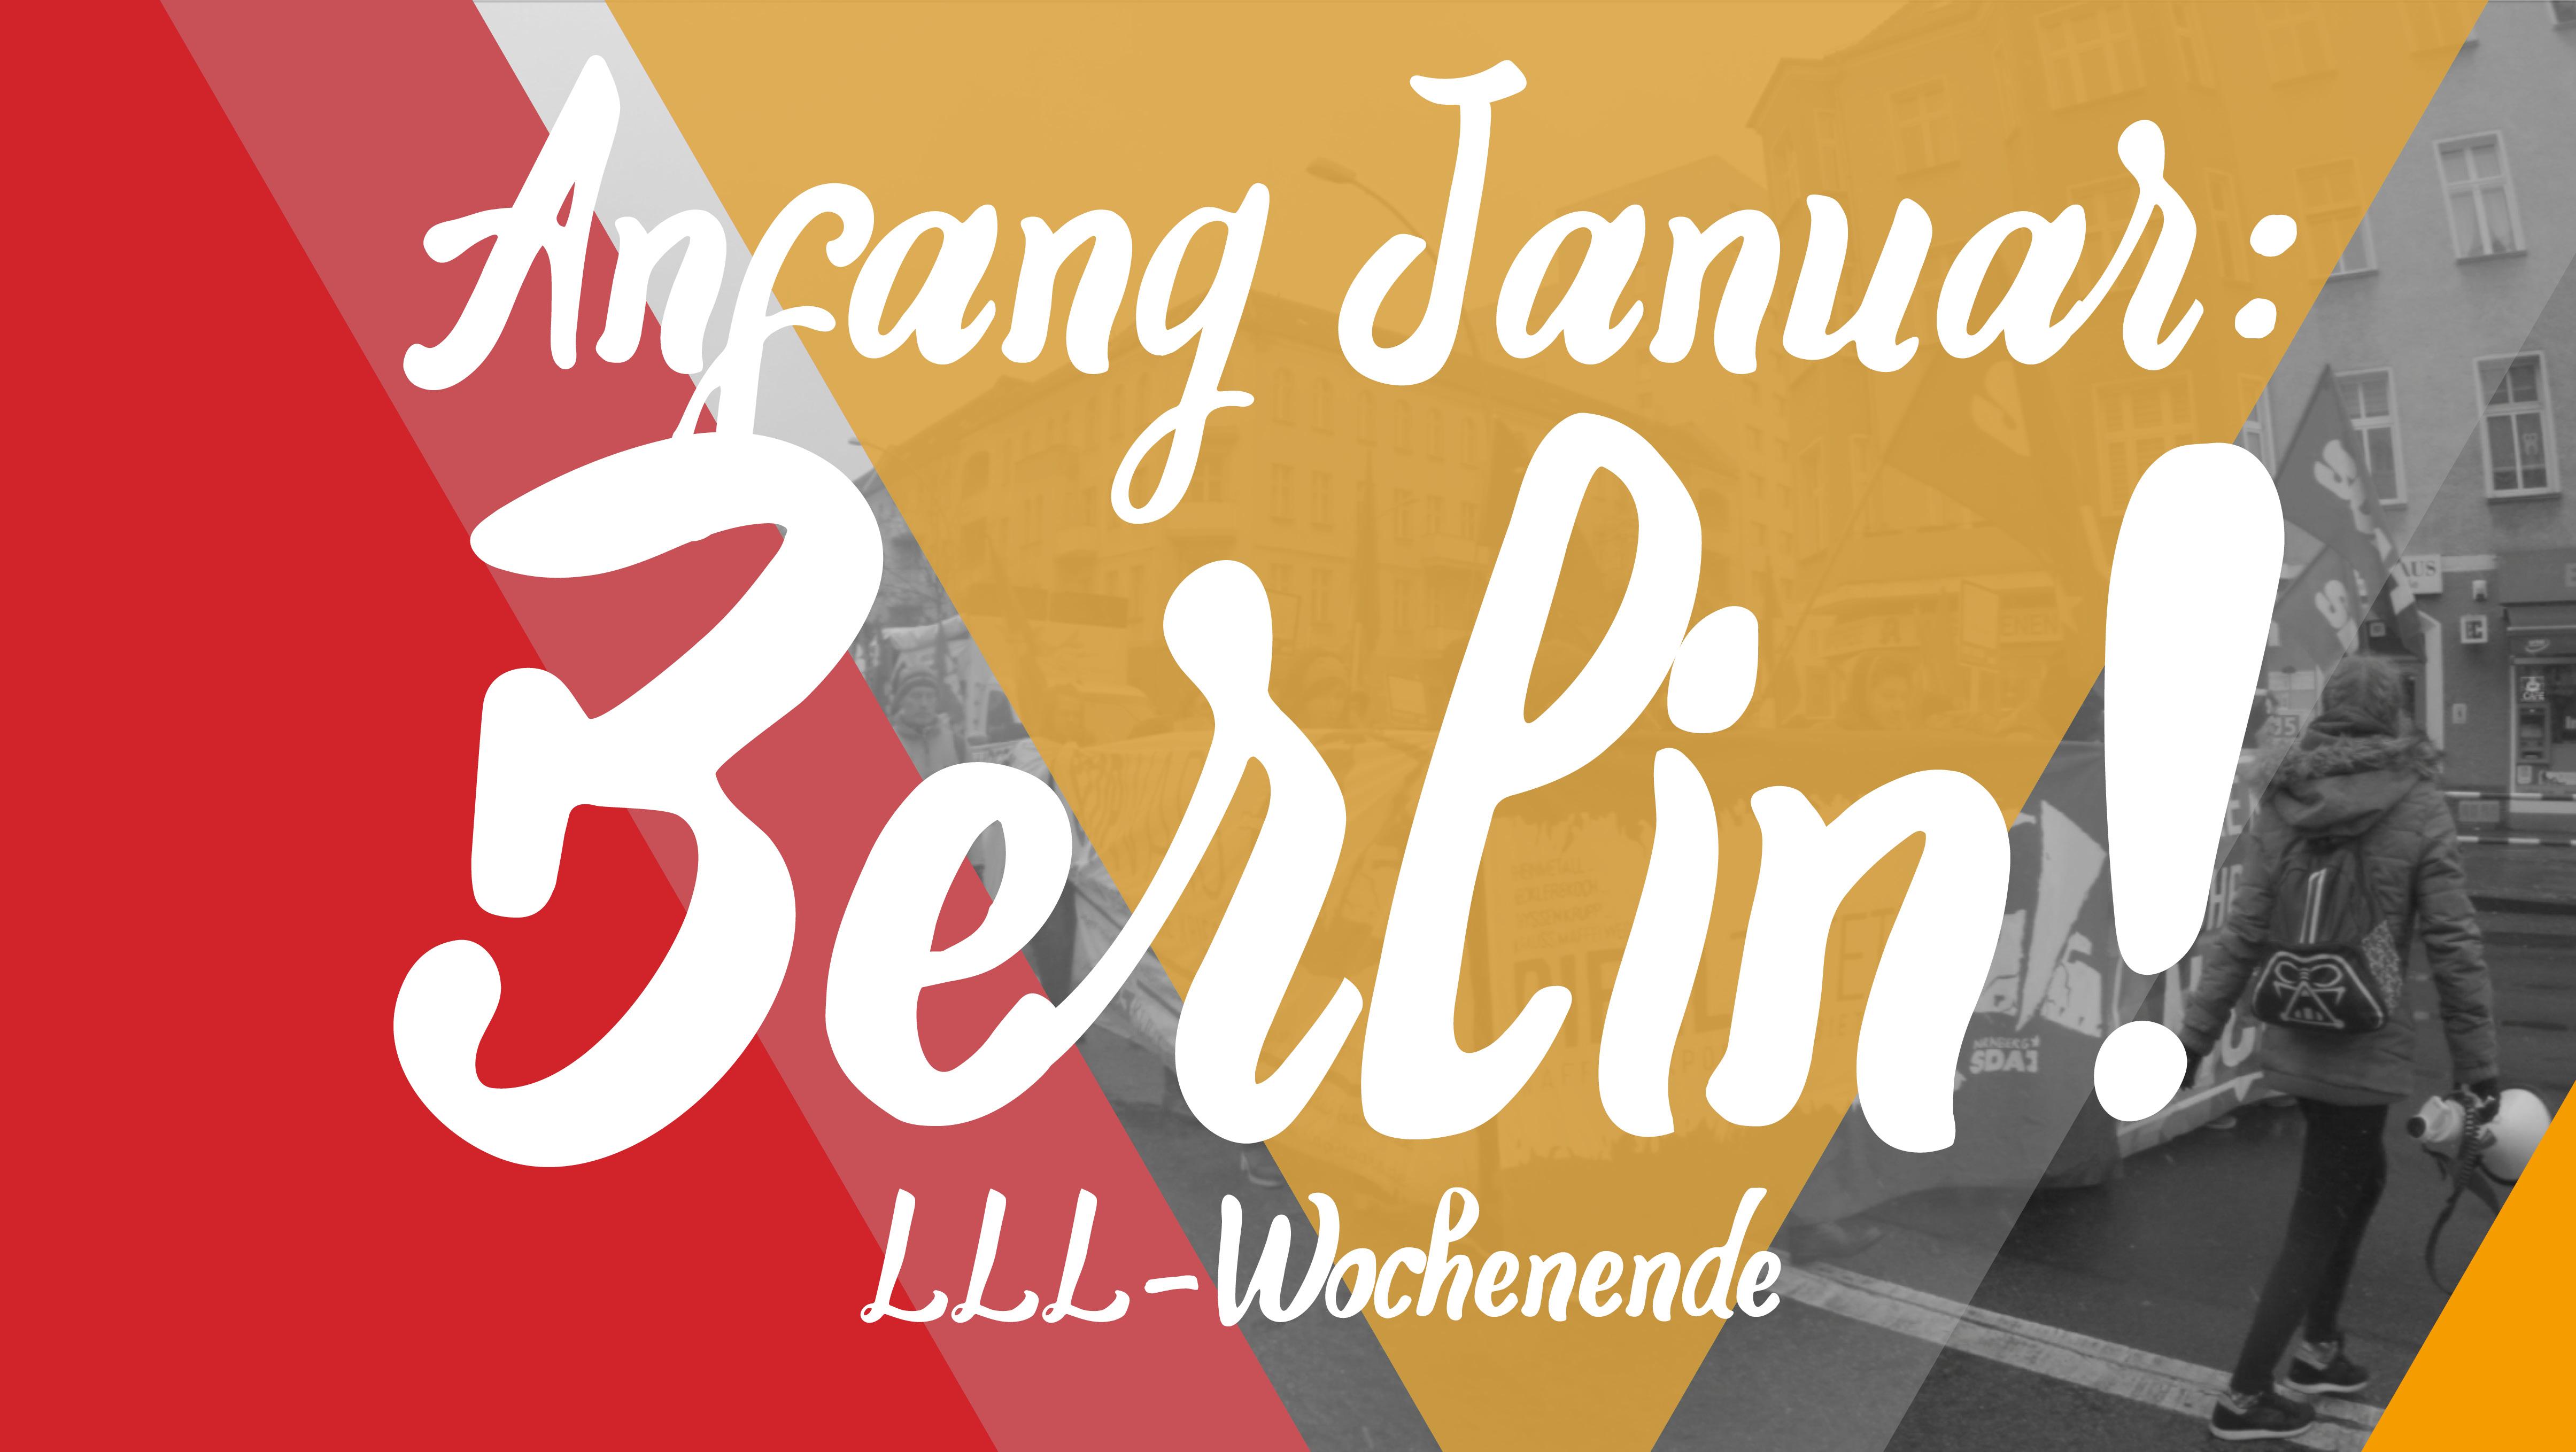 Auf nach Berlin! LLL-Wochenende 2018